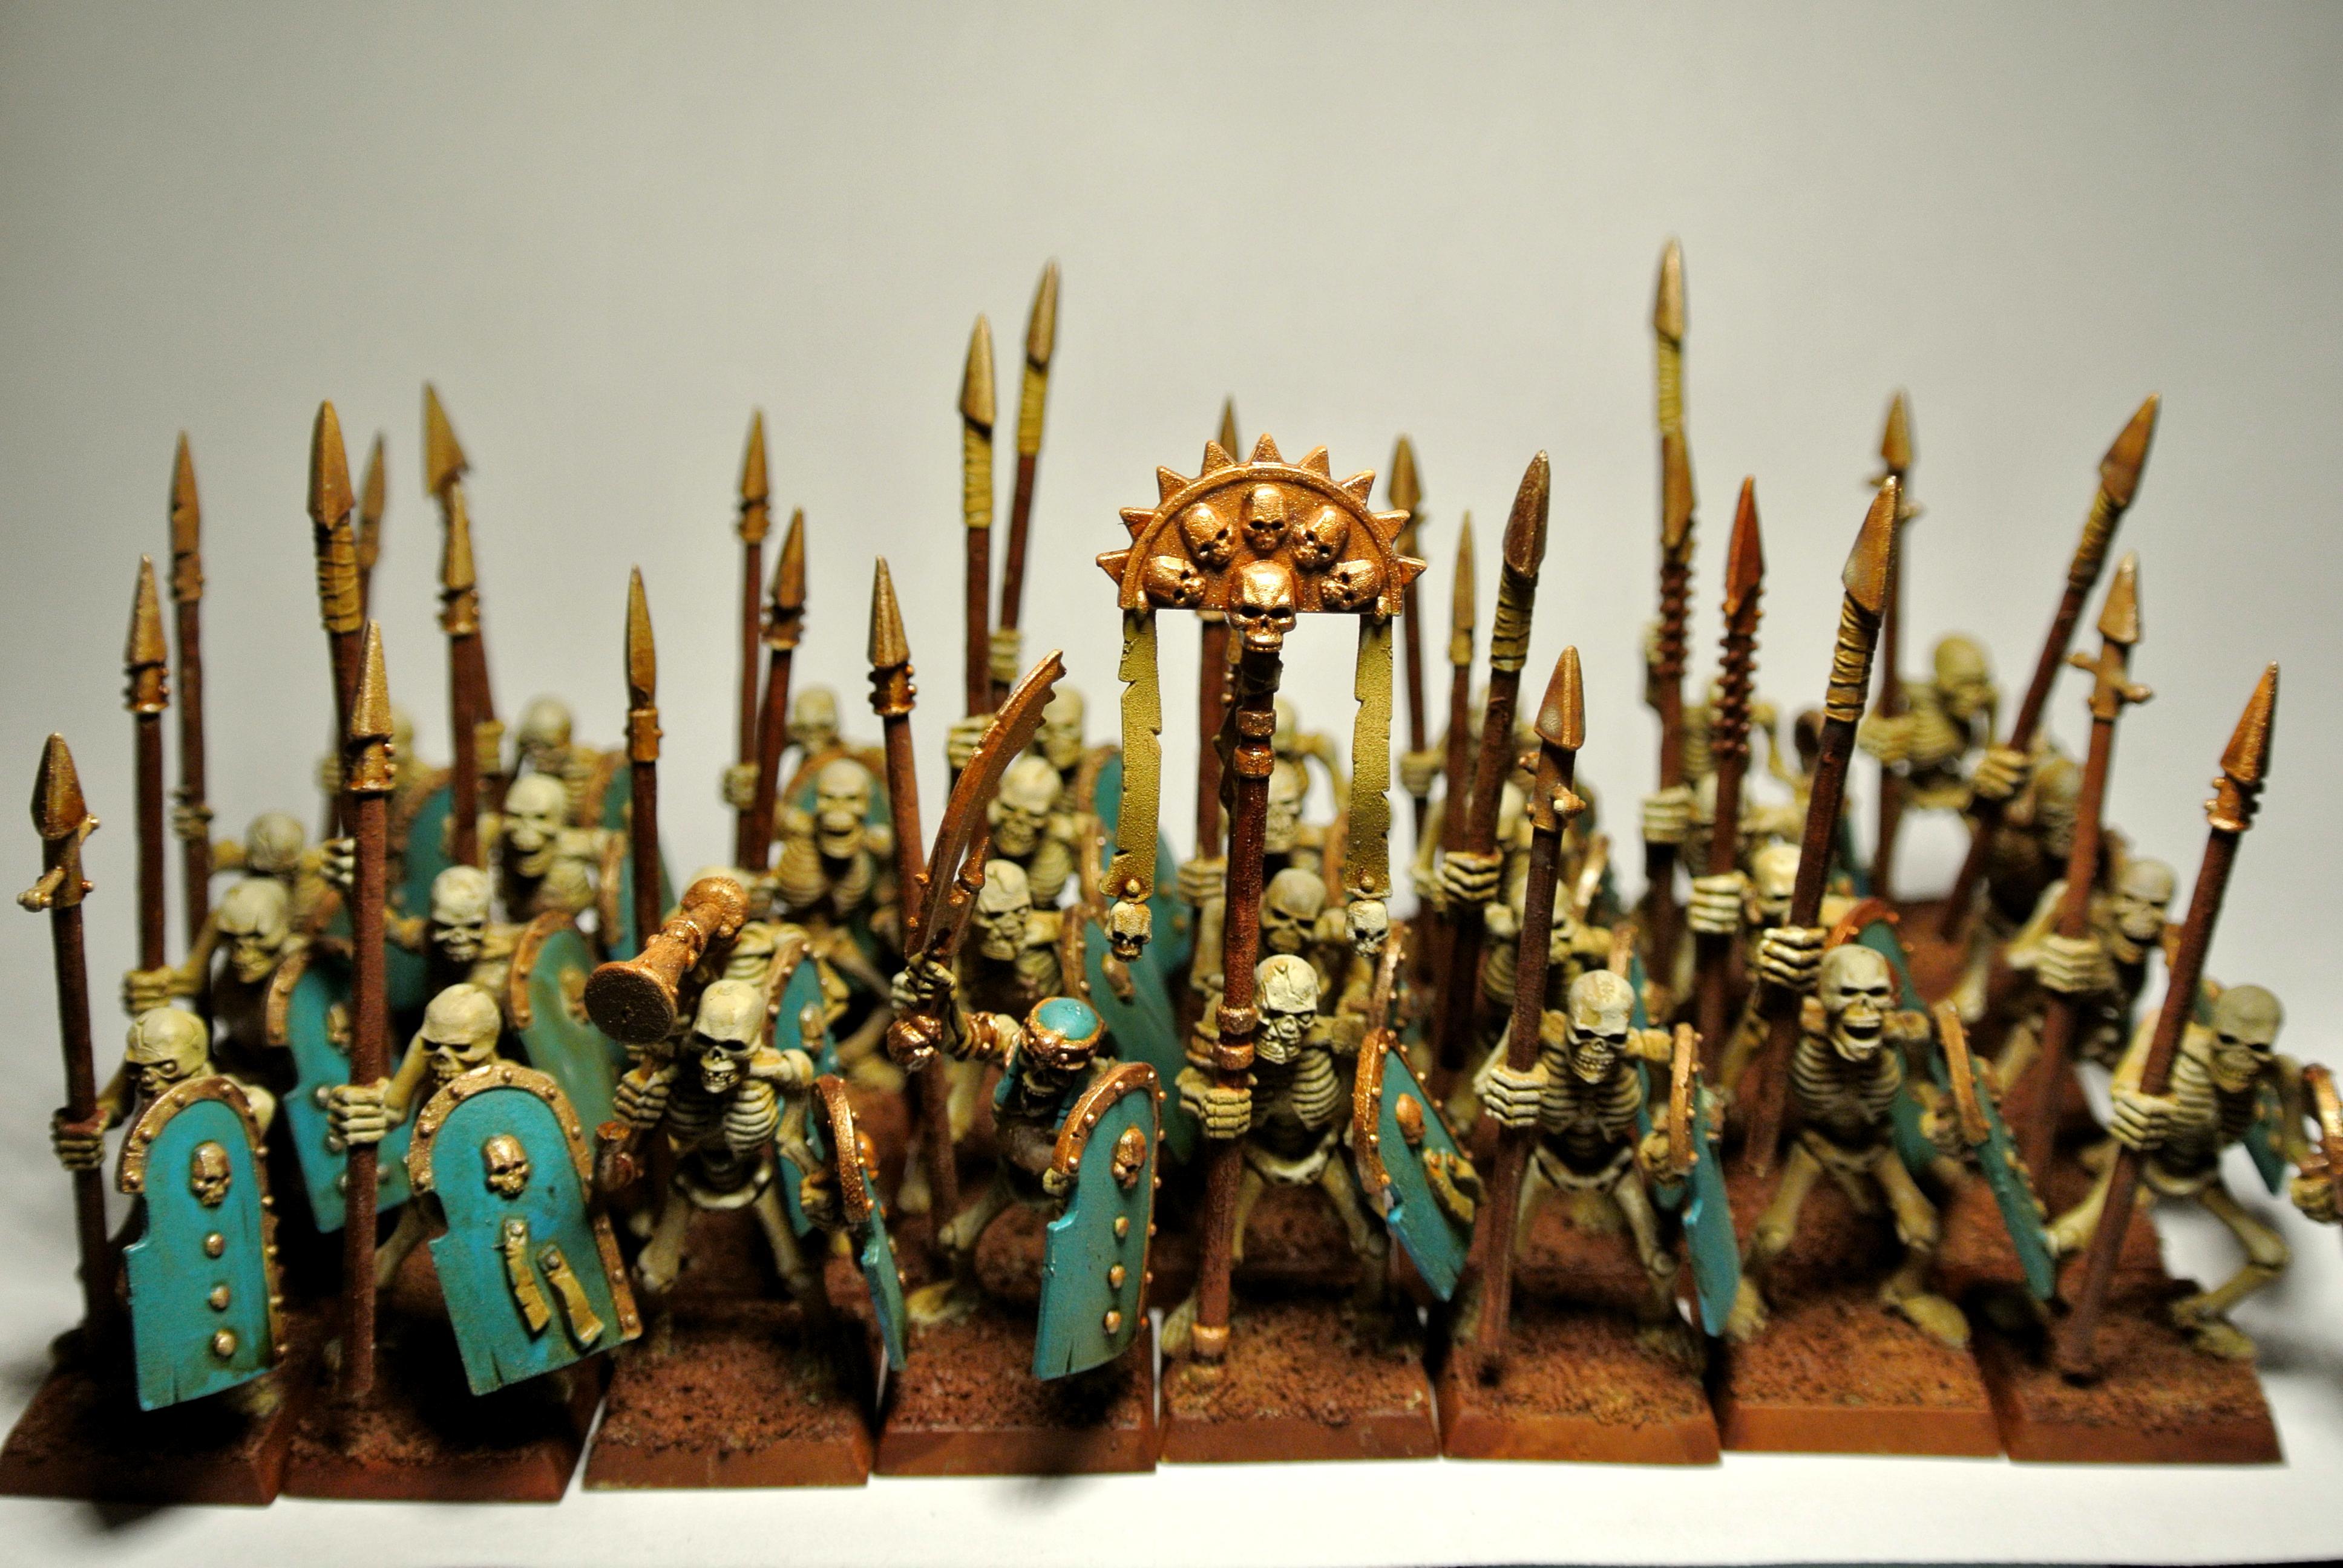 King, Kings, Shields, Skeletons, Spears, Tomb, Warriors